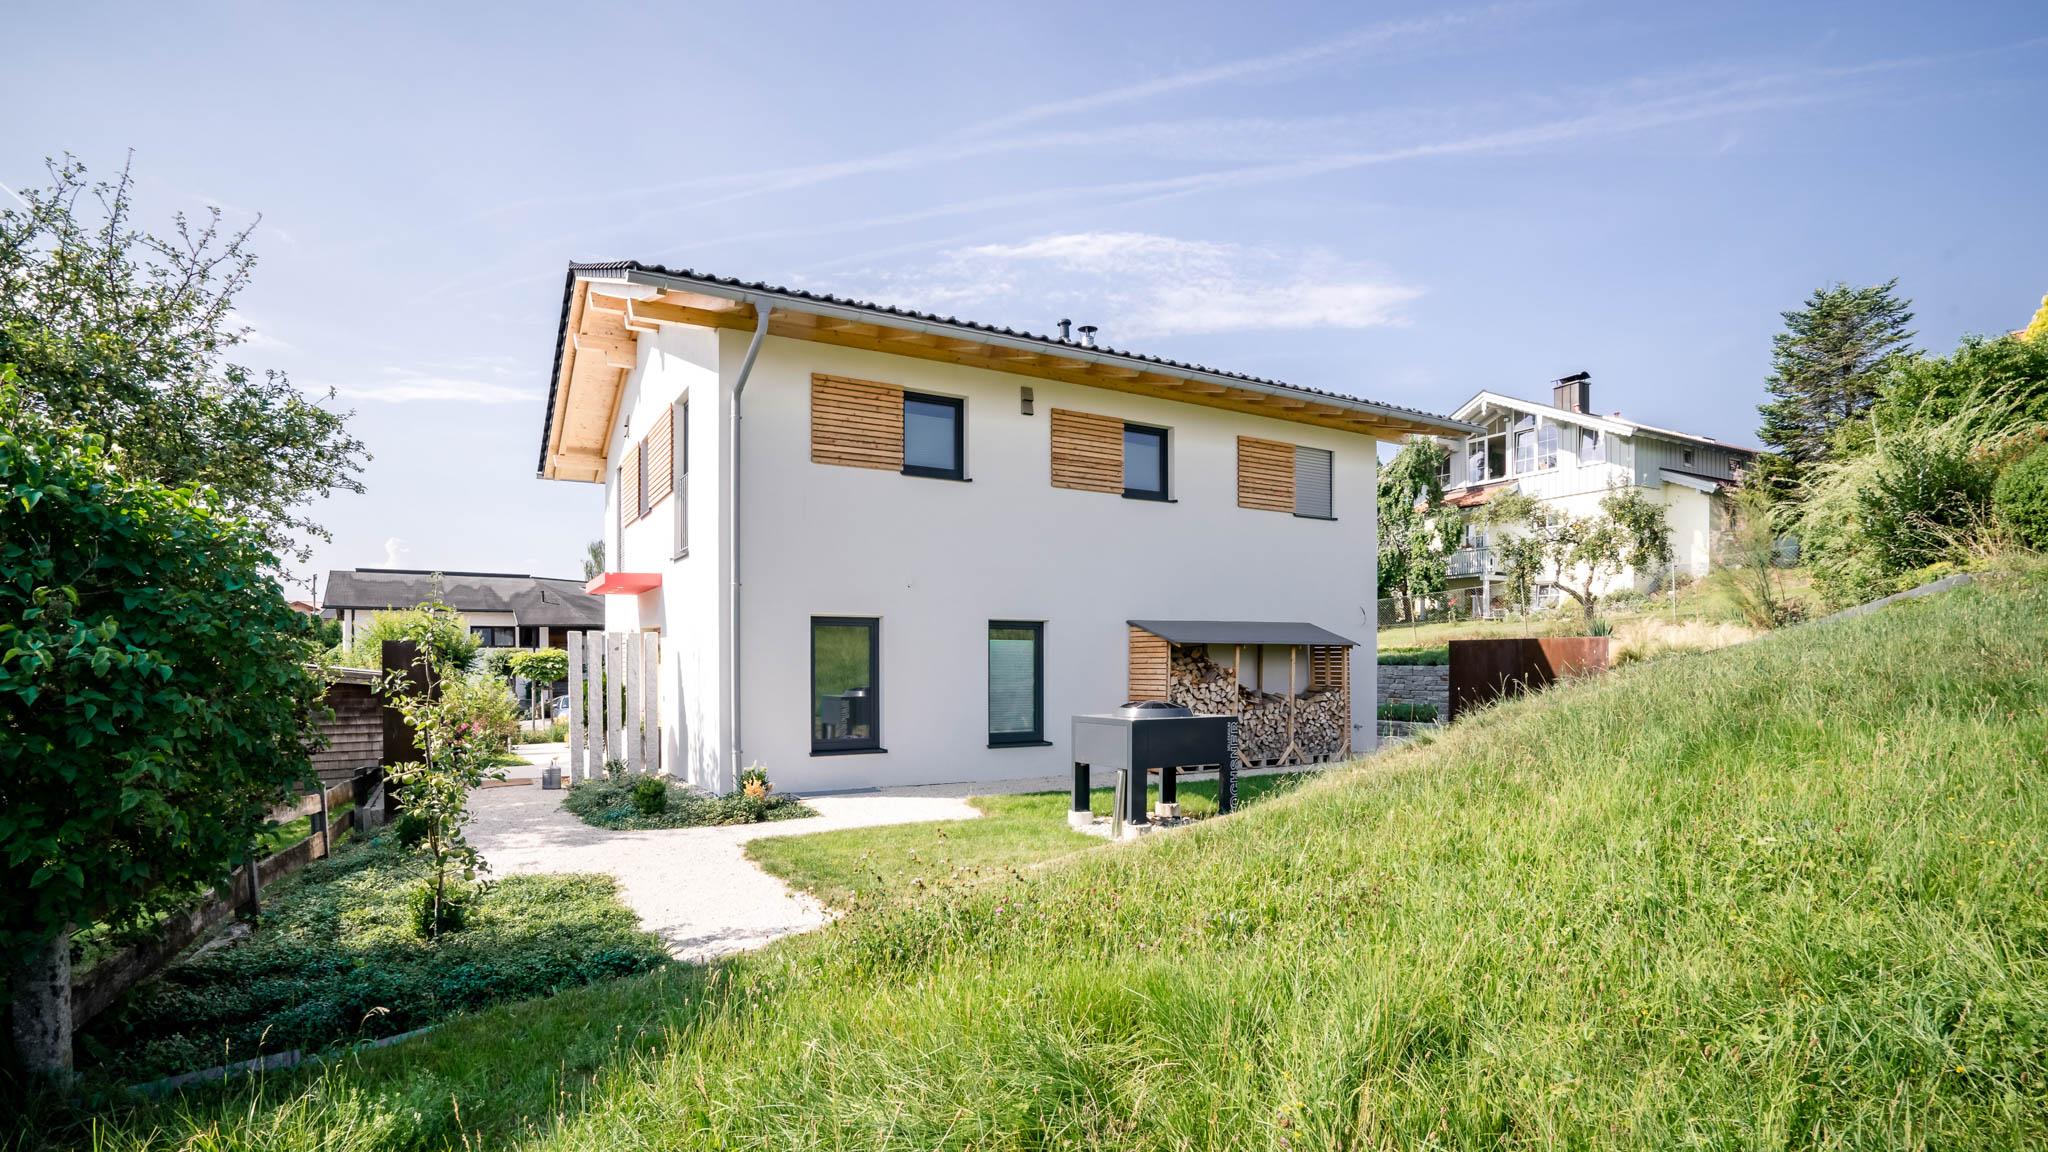 portfolio-bauunternehmen-fuch-einfamilienhaus-lauter-3.jpg